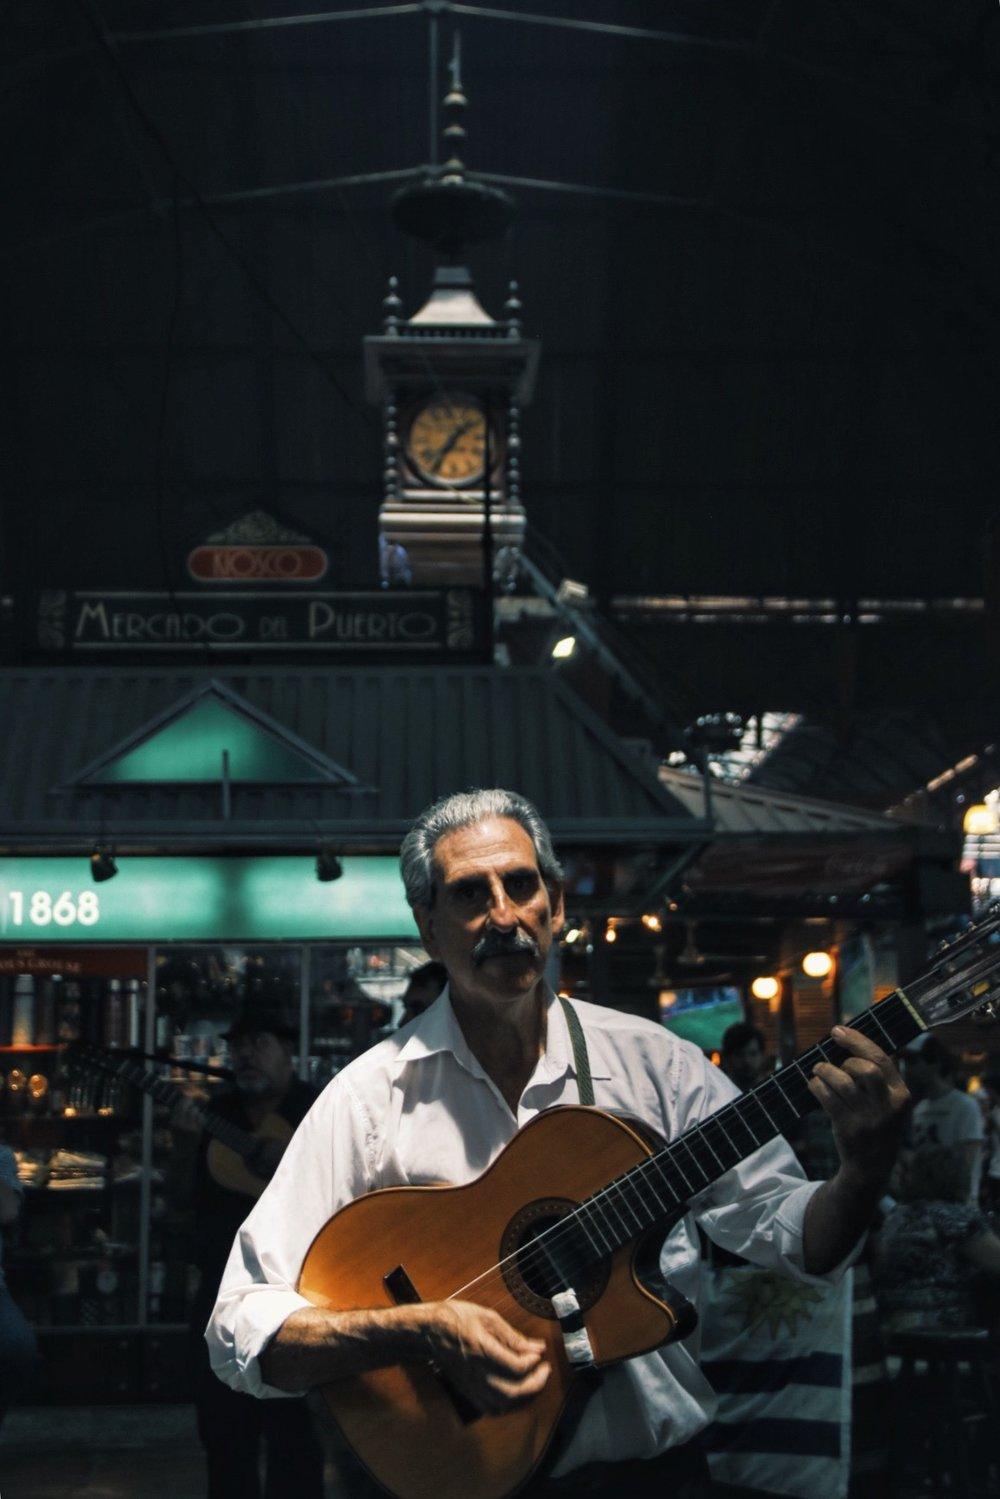 Entertainment in Mercado del Puerto